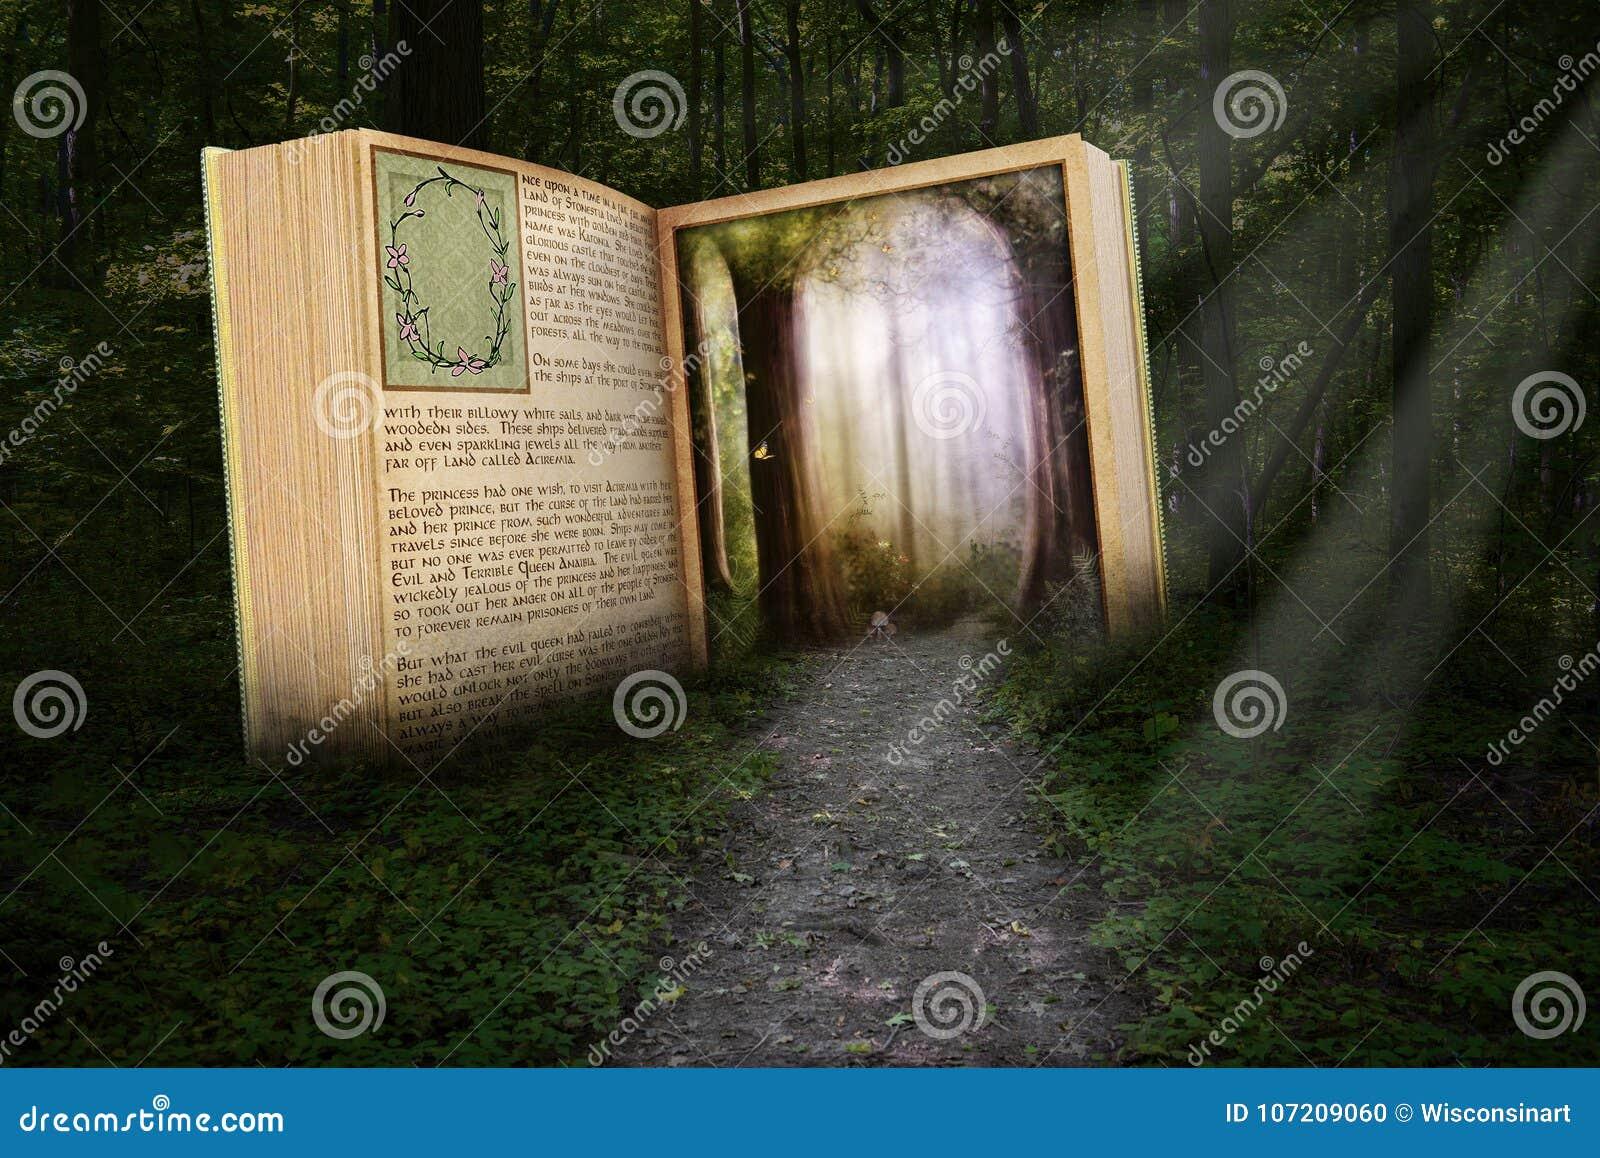 Den overkliga läseboken, läste berättelse